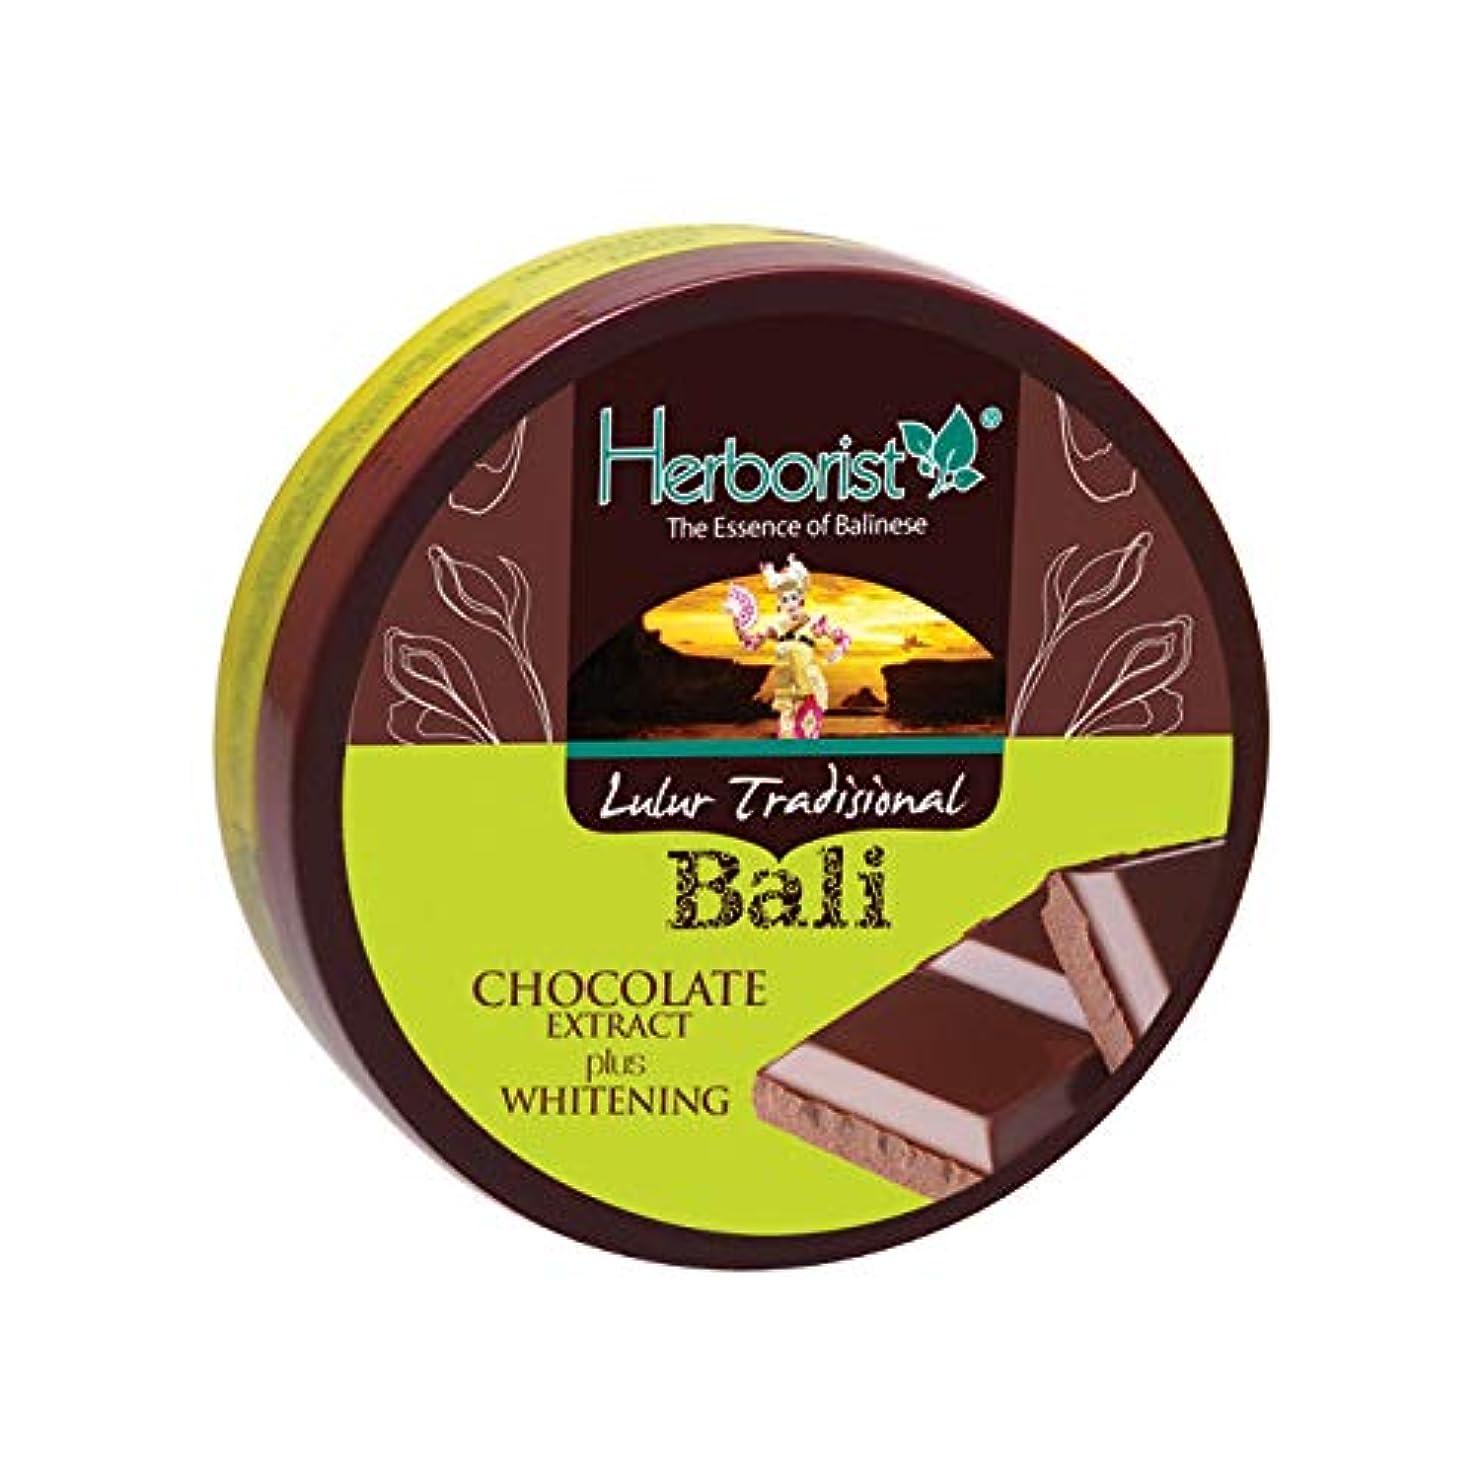 パキスタン人ショルダーレンダリングHerborist ハーボリスト インドネシアバリ島の伝統的なボディスクラブ Lulur Tradisional Bali ルルールトラディショナルバリ 100g Chocolate チョコレート [海外直送品]